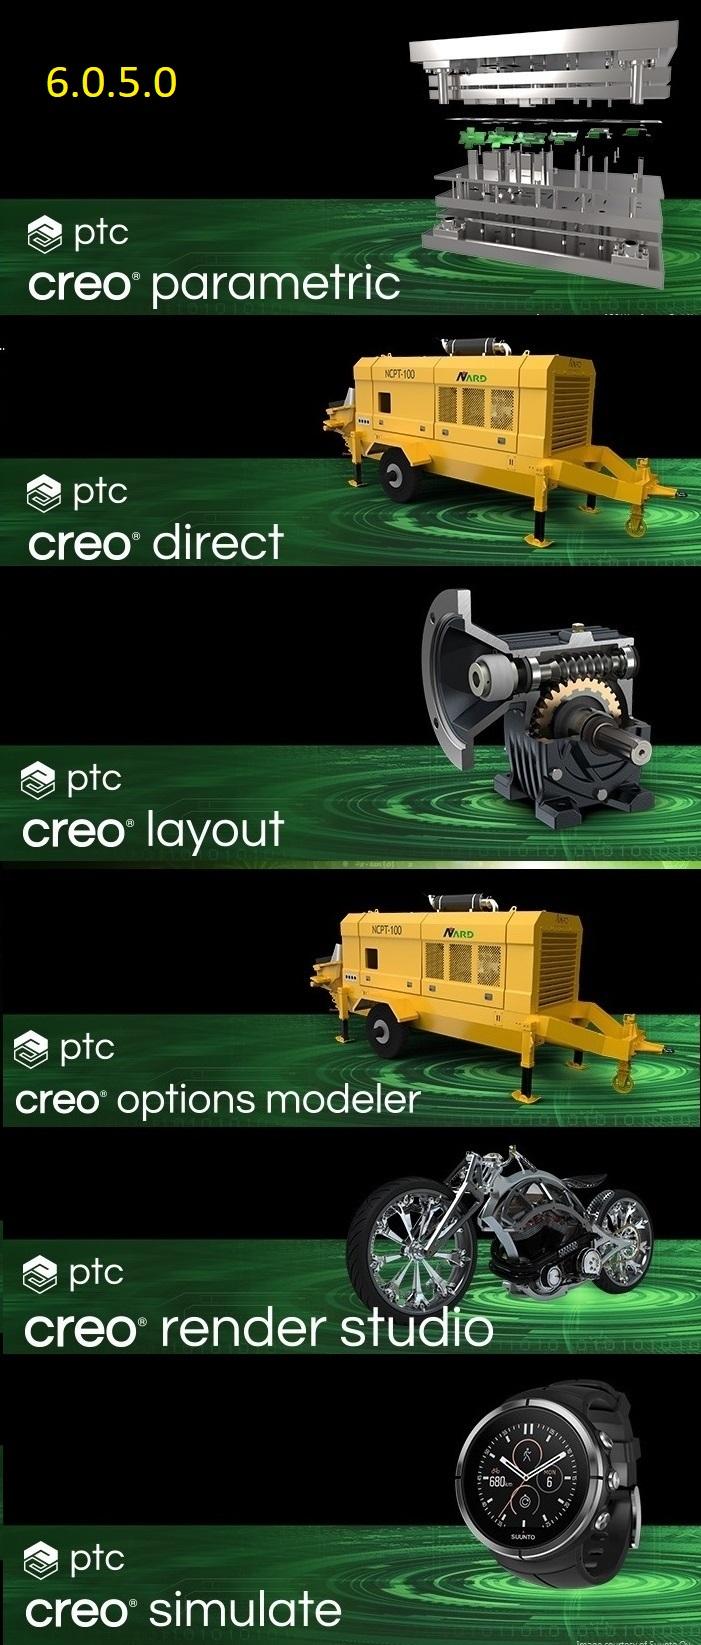 PTC Creo 6.0.5.0 win64 full license